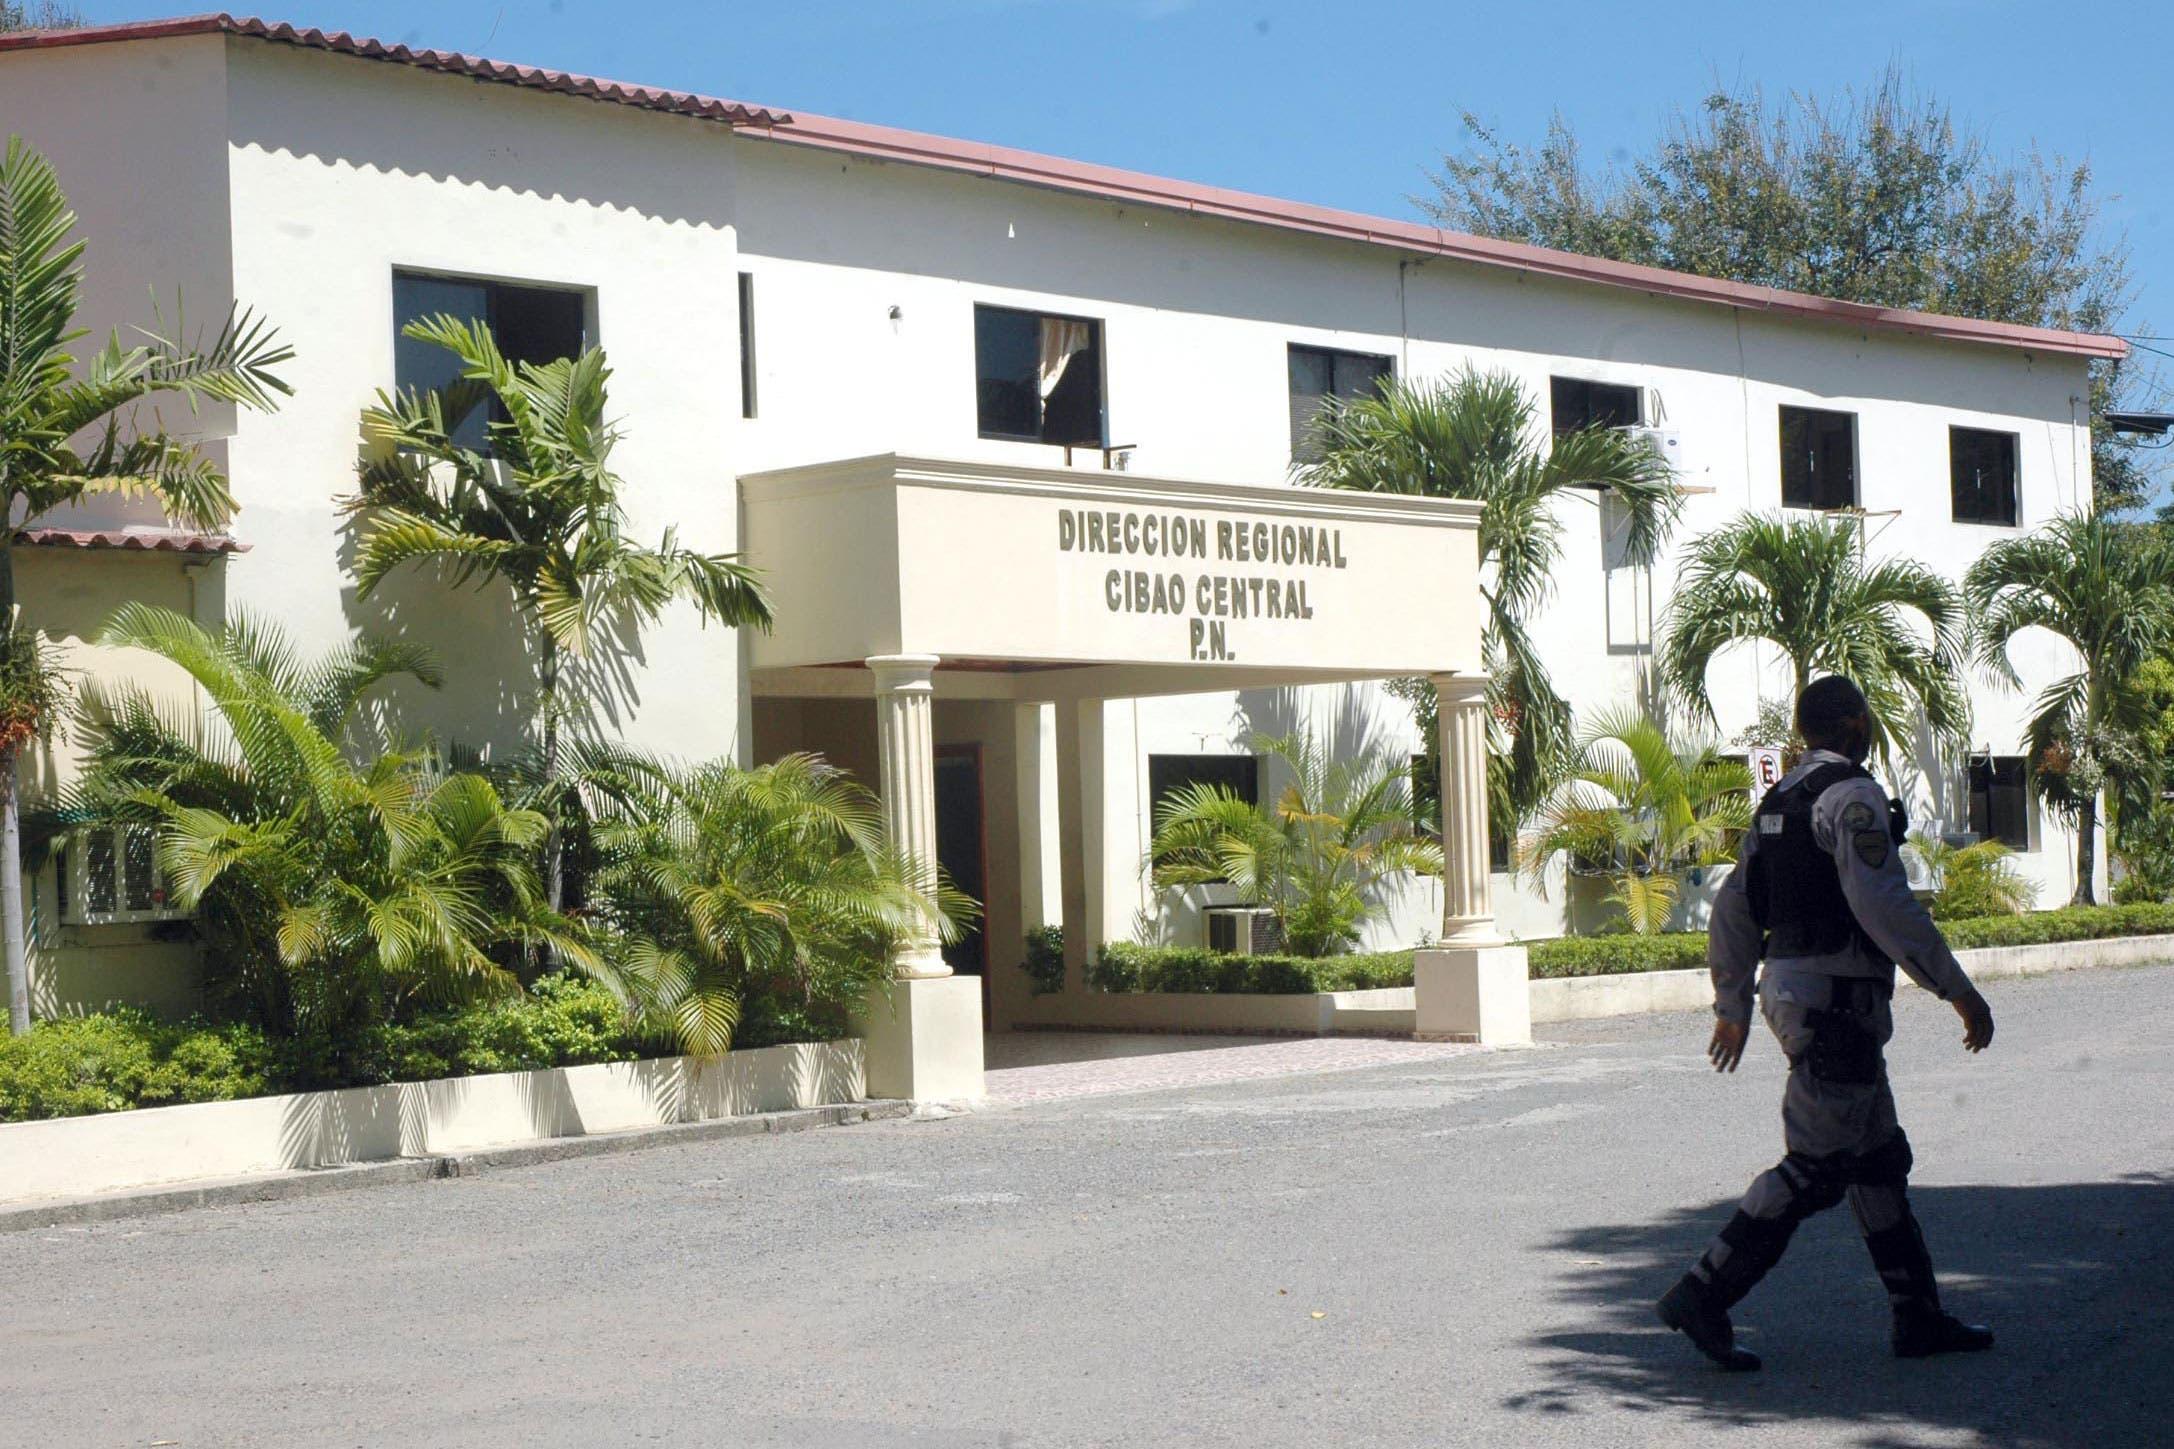 Policía apresa presunto delincuente habría robado en residencia